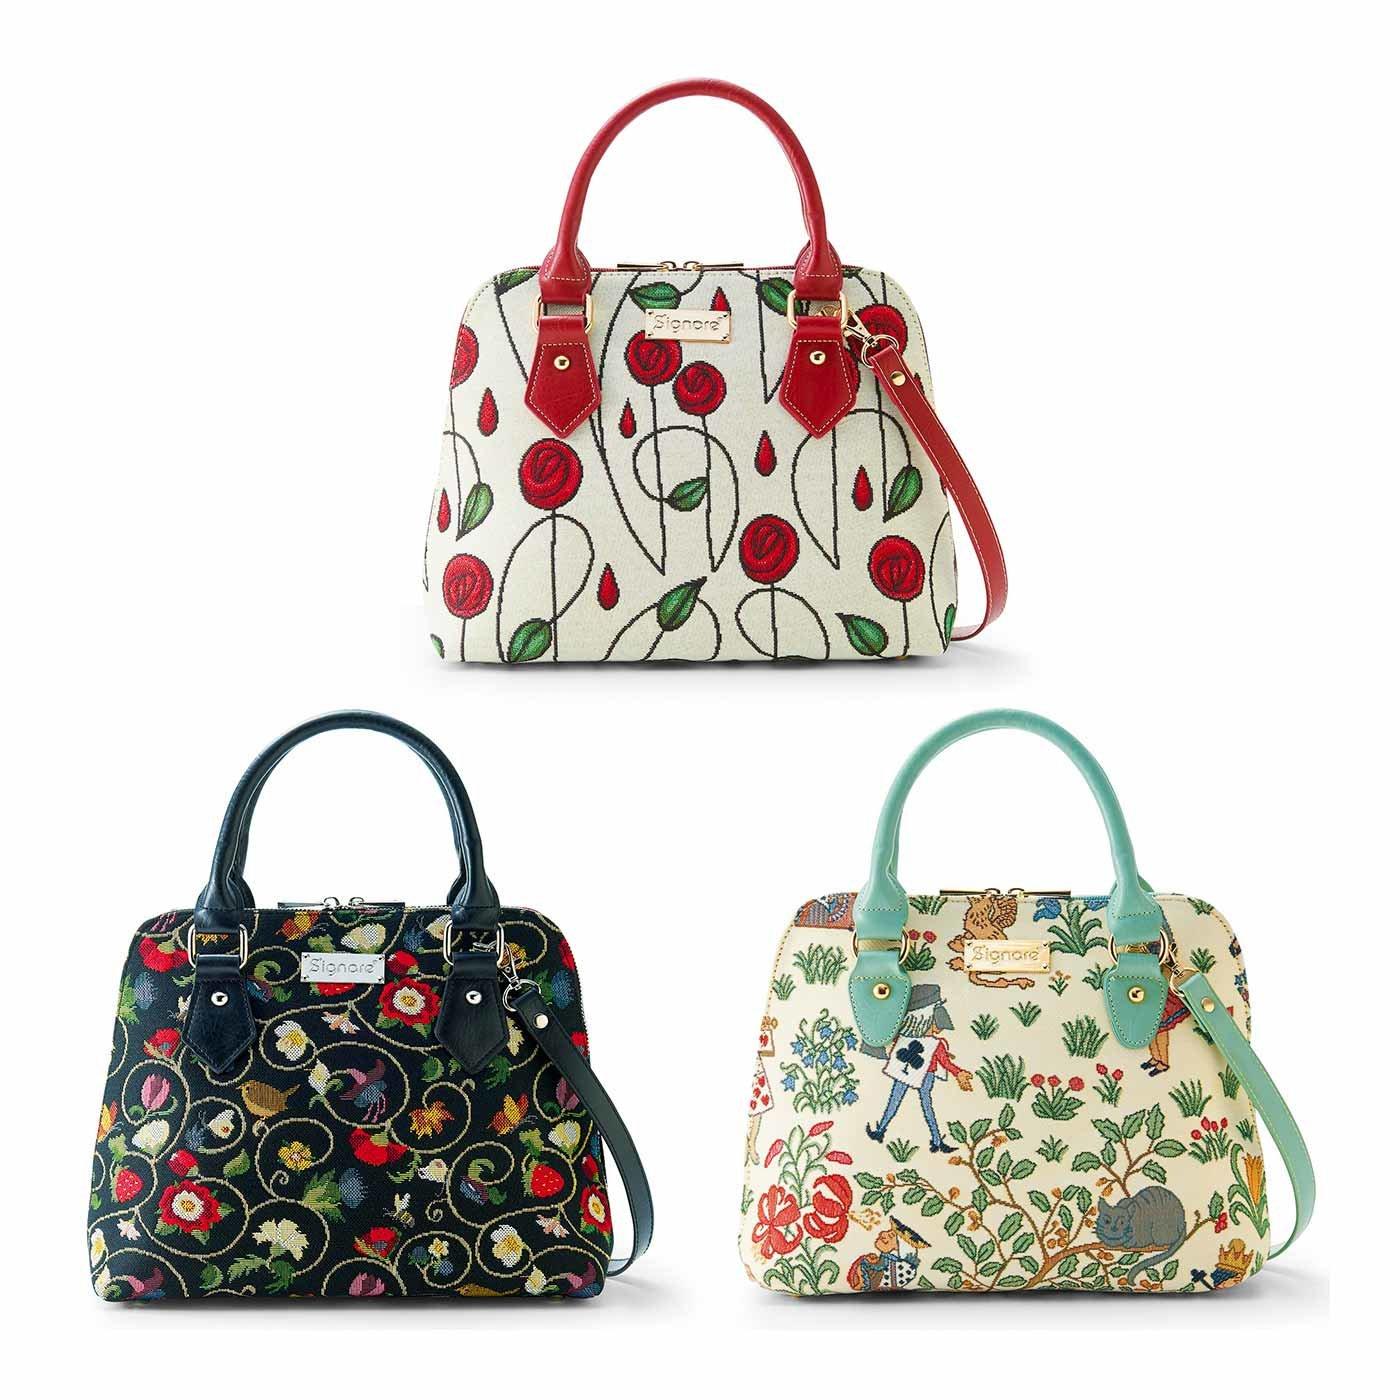 Signare(シグナーレ) 旅のおともに アートを織り込んだゴブラン2WAYバッグ